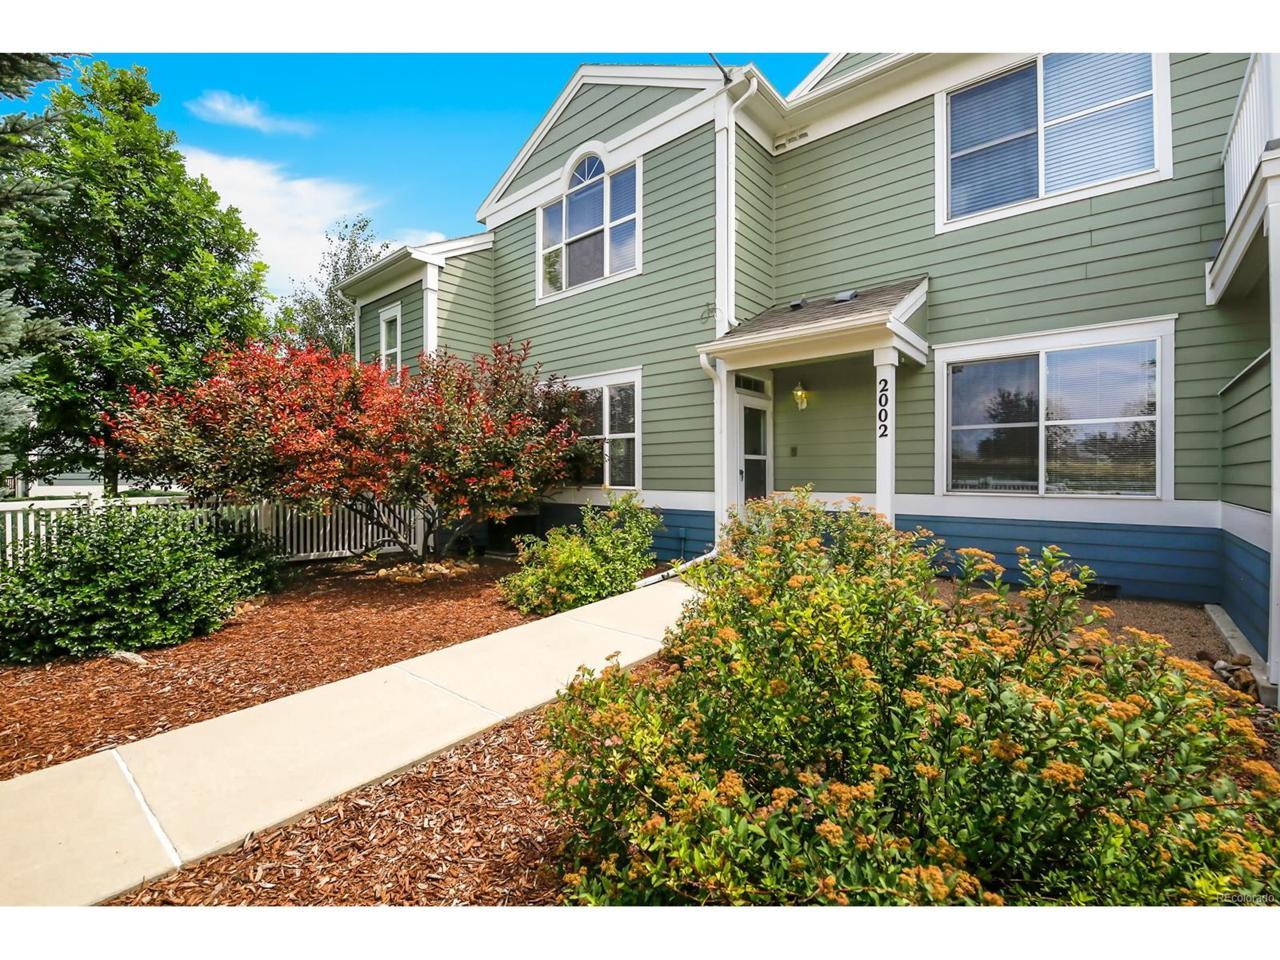 635 Gooseberry Drive #2002, Longmont, CO 80503 (MLS #4803072) :: 8z Real Estate